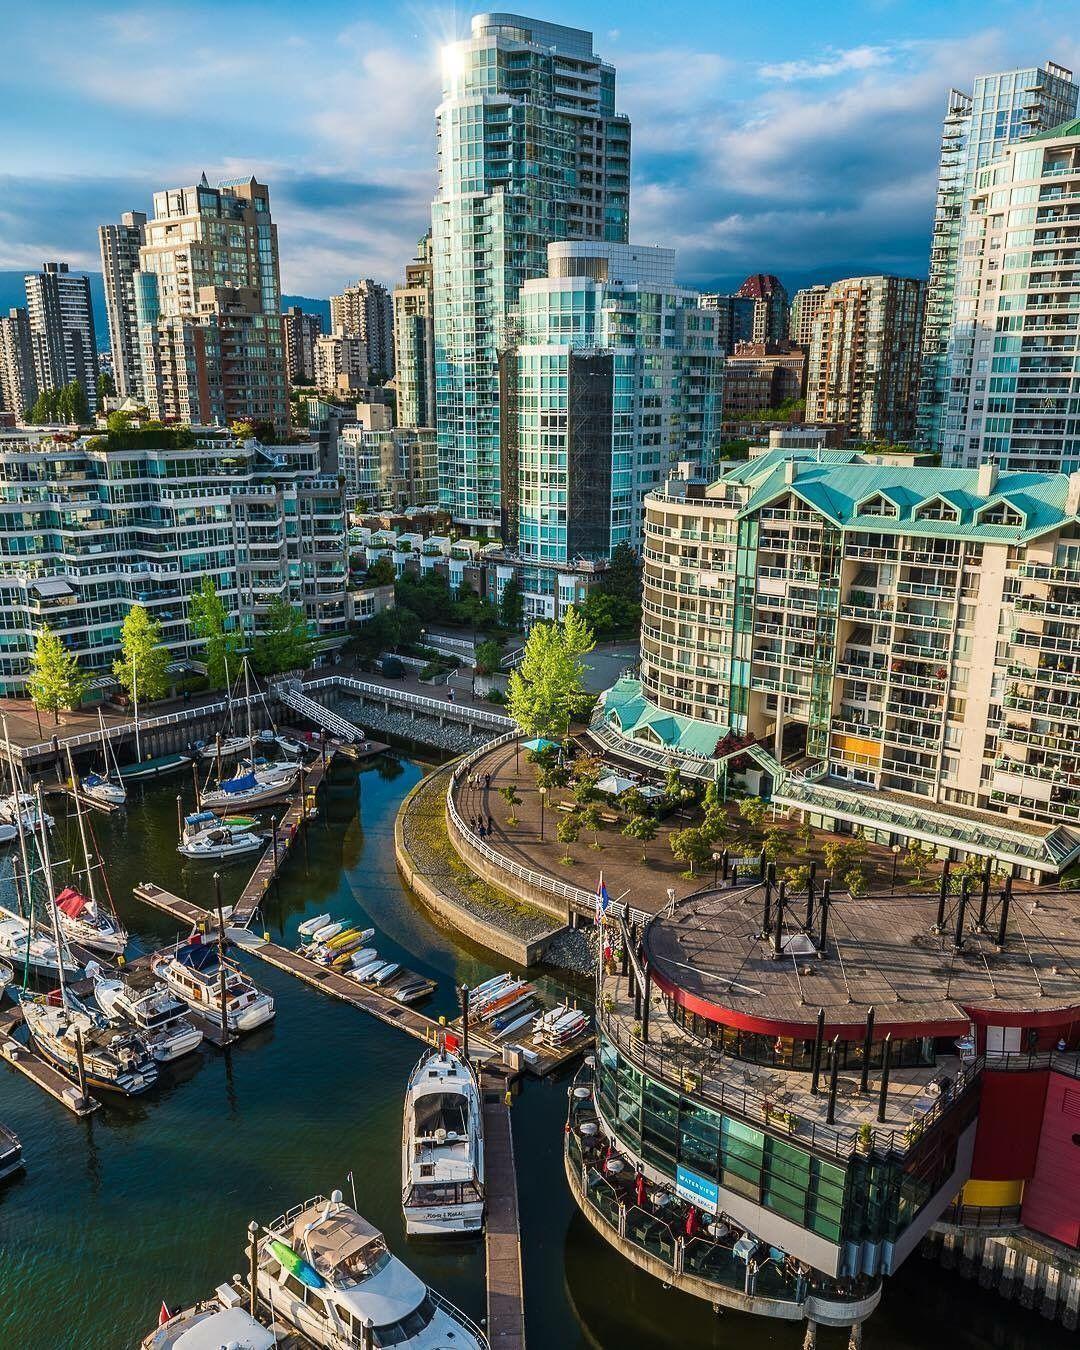 مقاله: بازدید از ونکوور با ویزای توریستی کانادا